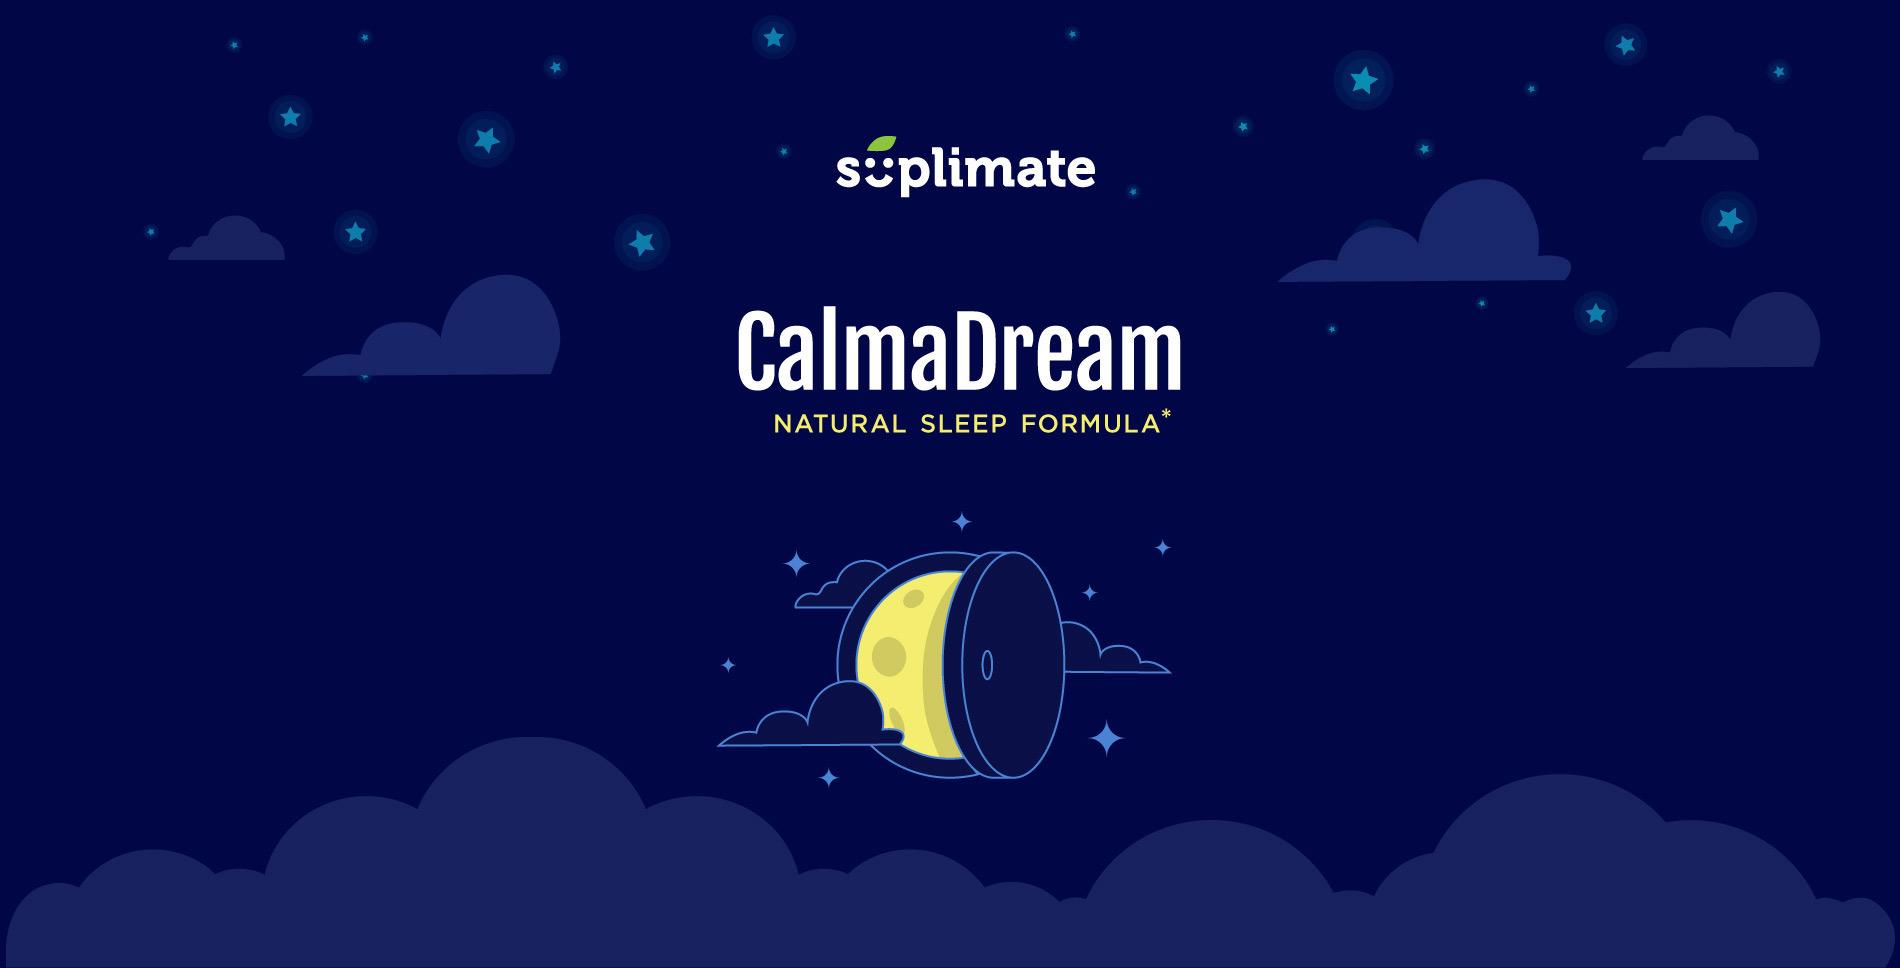 Identité visuelle Calma Dream - calmant et somnifère